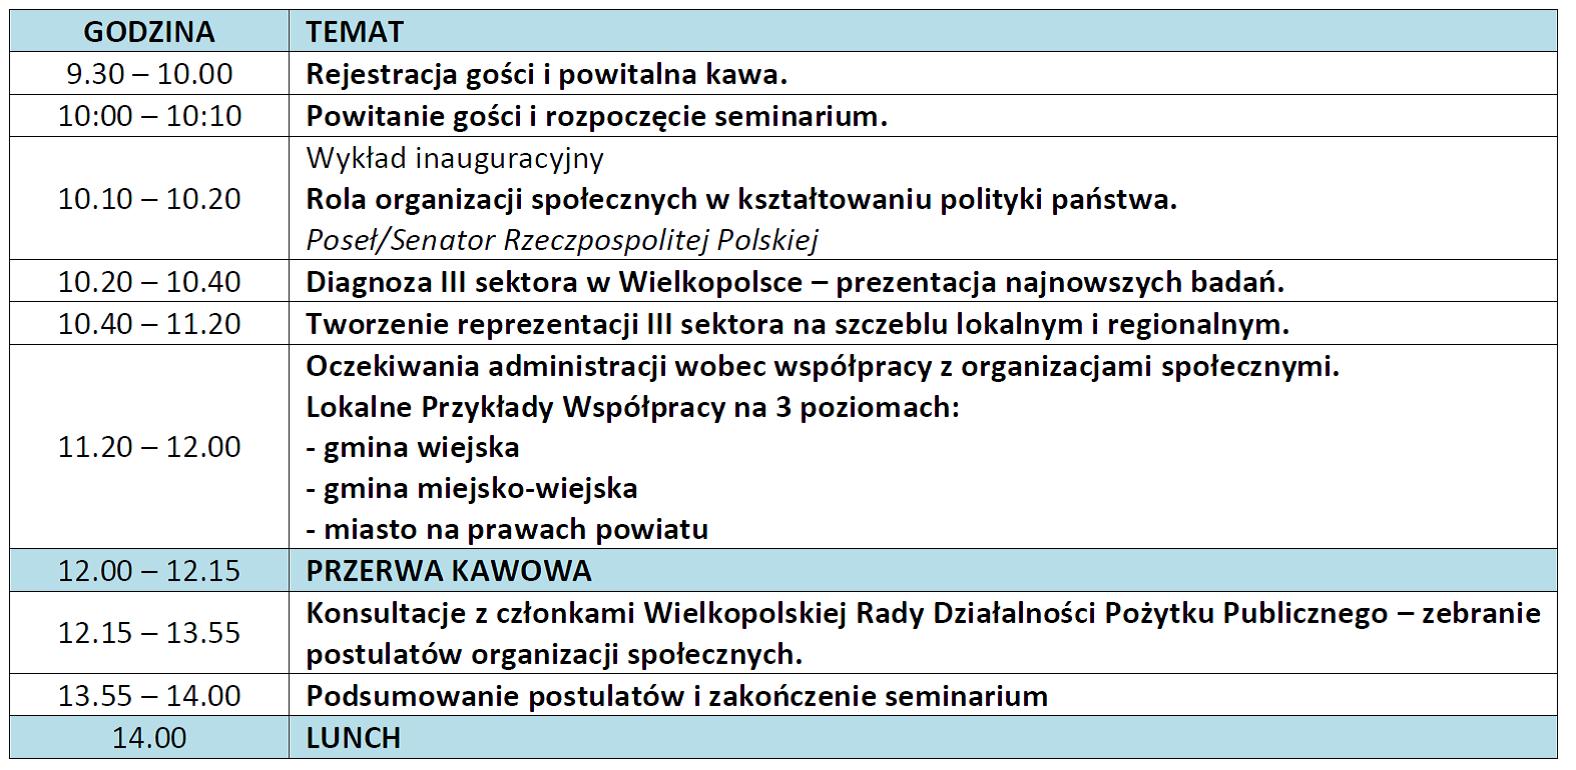 obyw_program